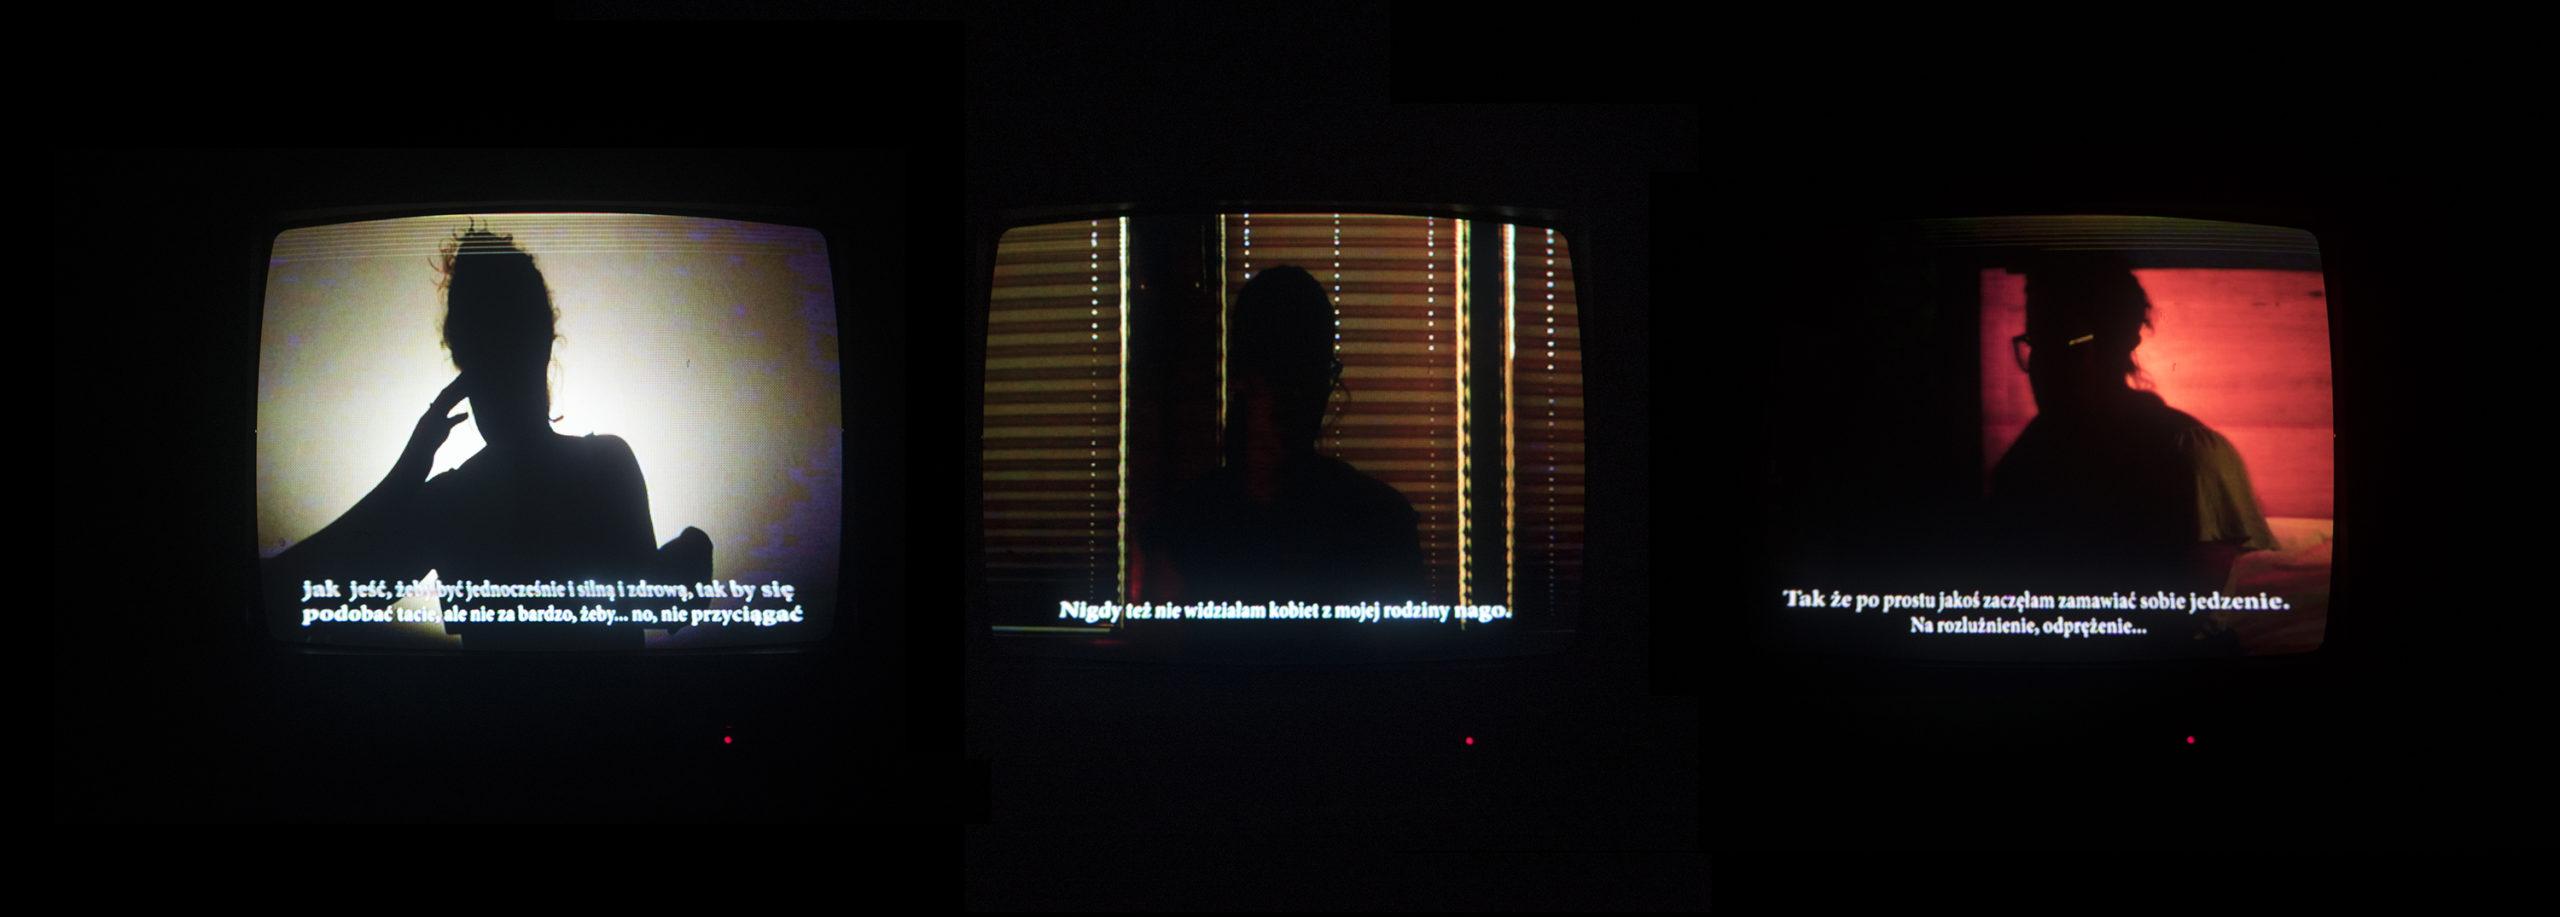 Na zdjęciu trzy ekranu z trzema osobami